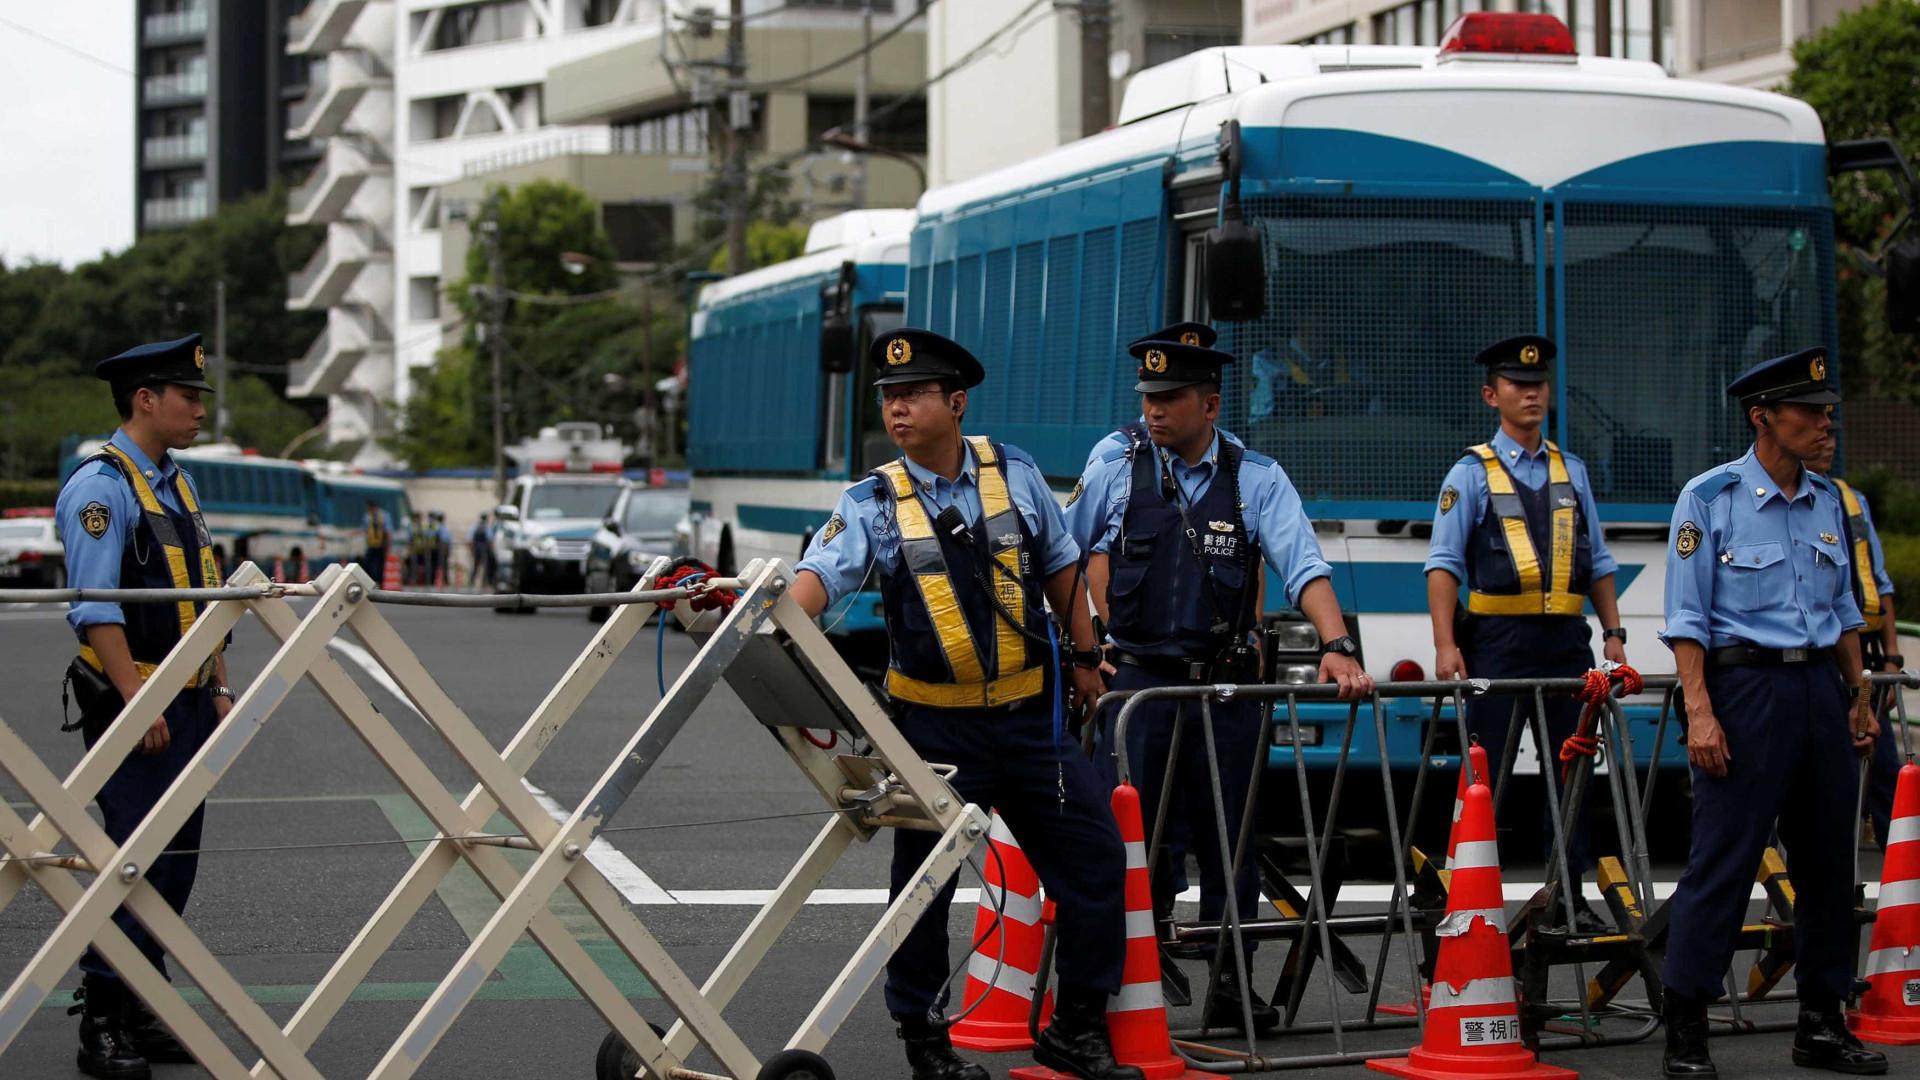 Descoberta macabra em apartamento no Japão